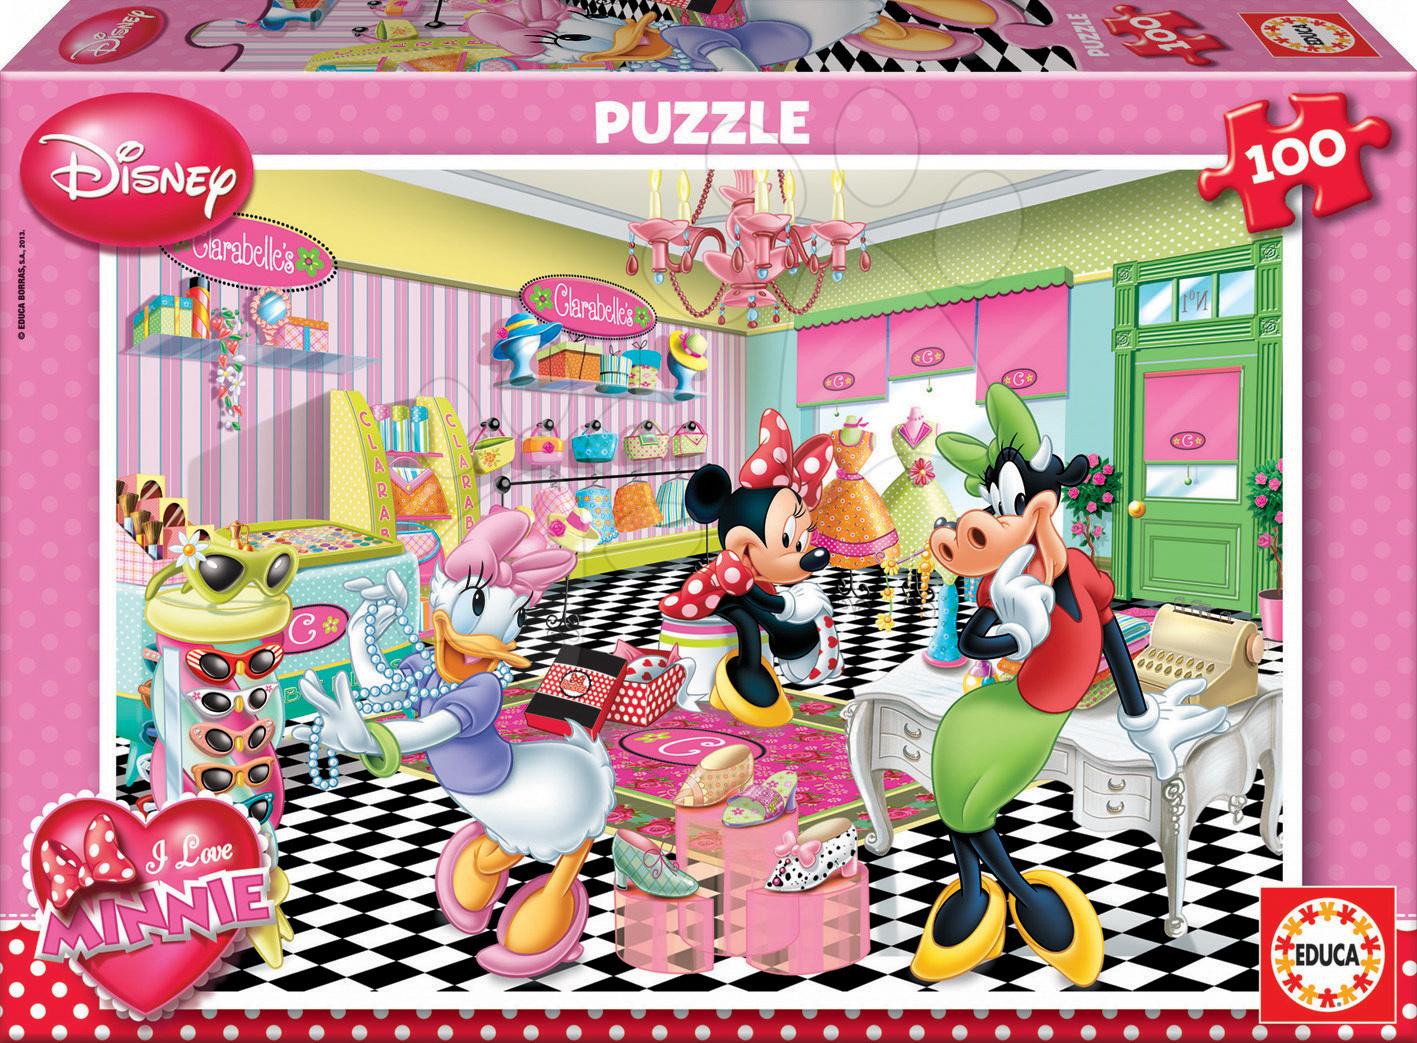 Puzzle Walt Disney Minnie Mouse Educa 100 dielov od 5 rokov